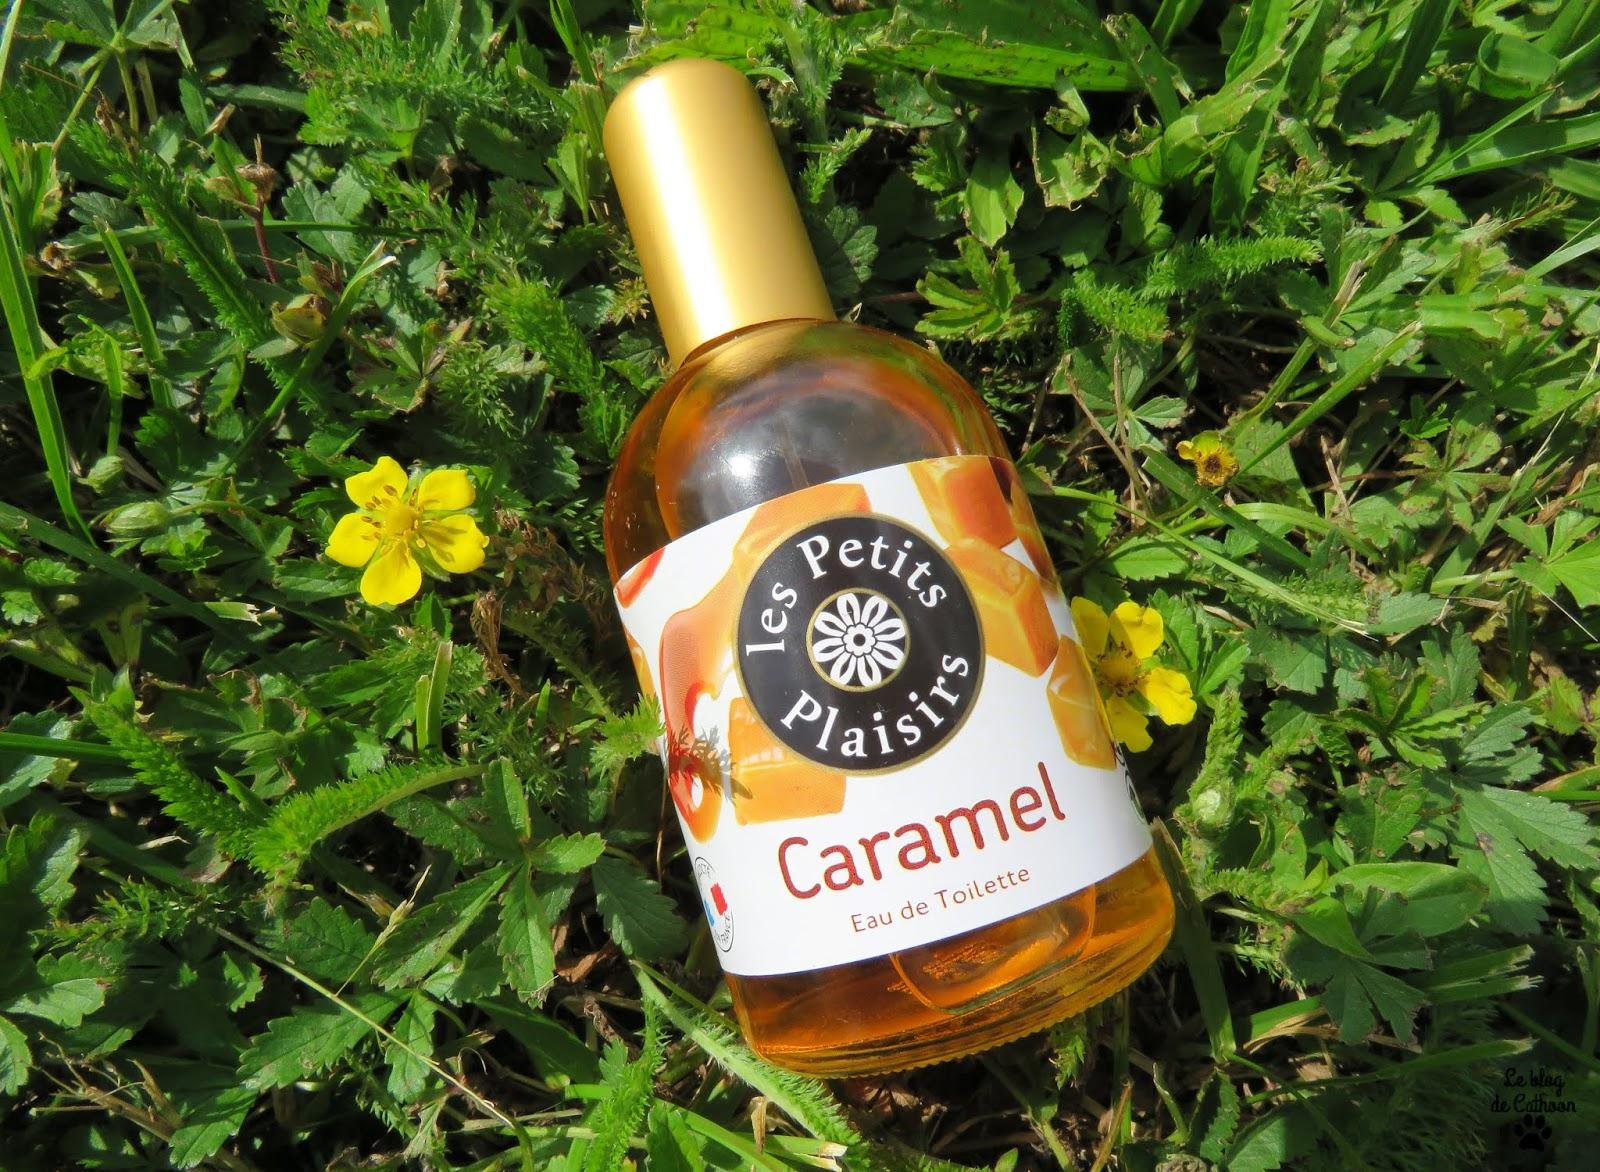 Caramel - Eau de Toilette - Les Petits Plaisirs